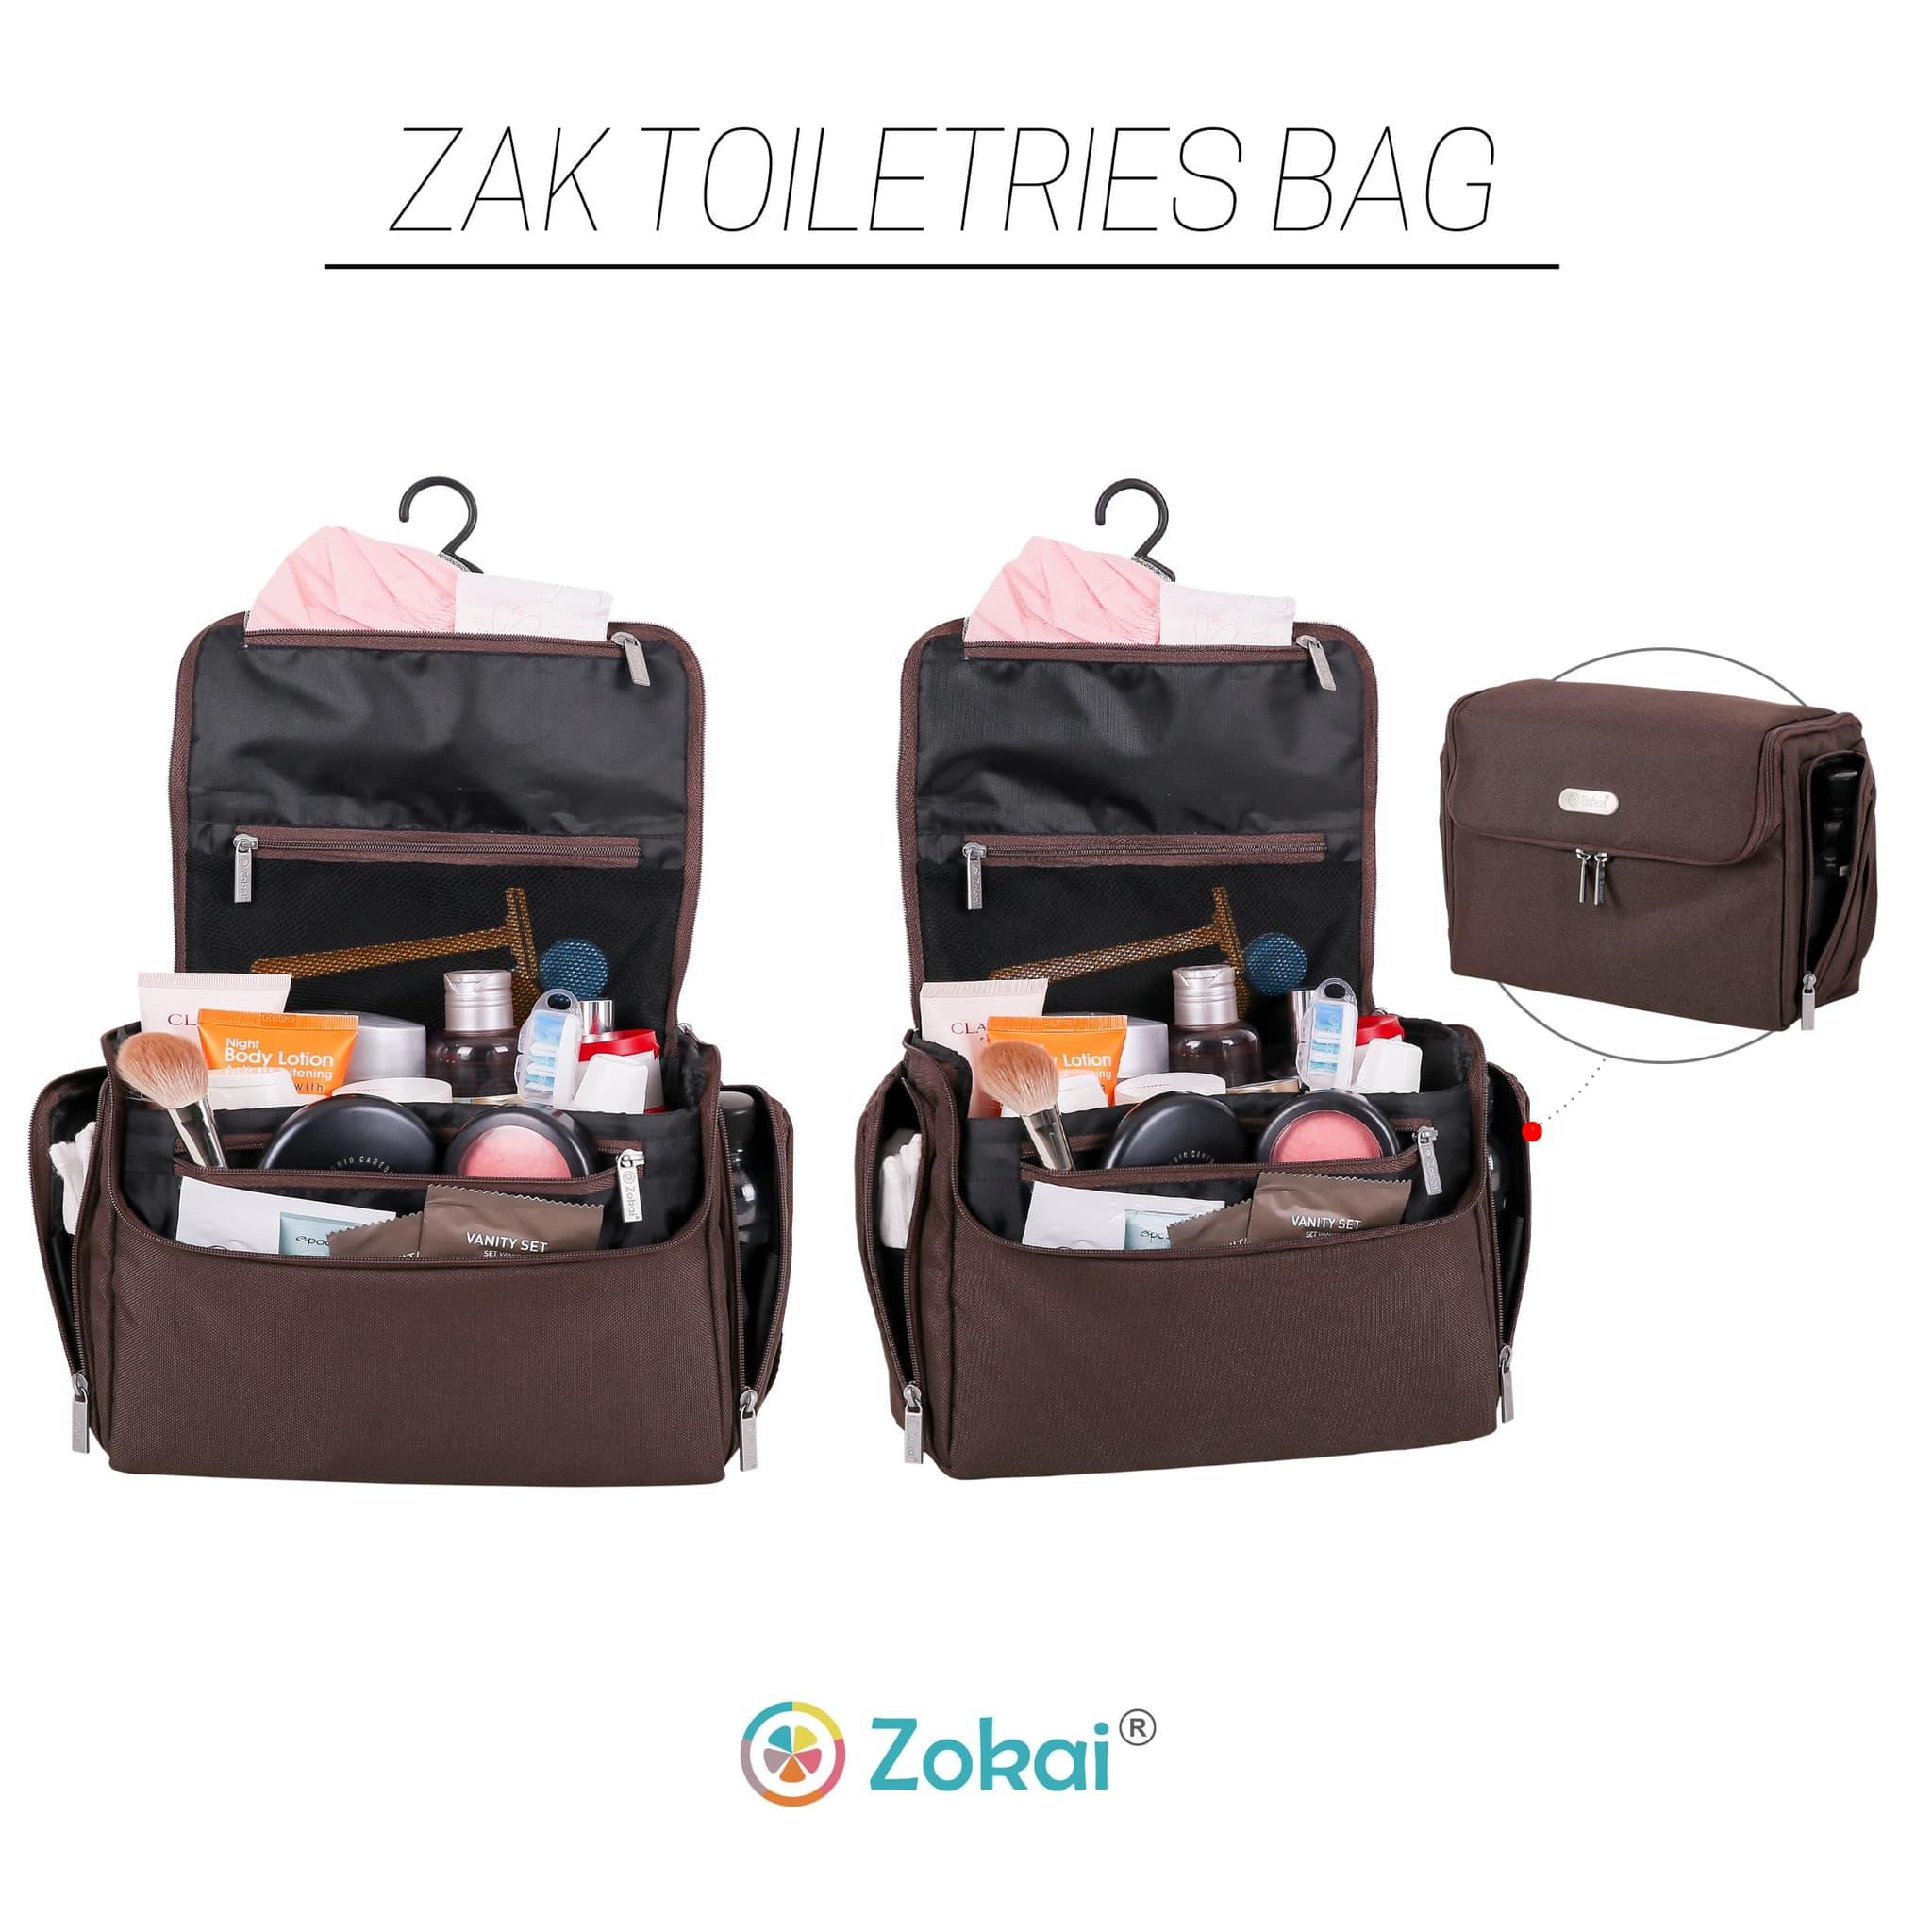 Jual Zak Toiletries Bag Drenbellony Travel Tas Pria Wanita Etnik By Suhendar Perlengkapan Mandi Anti Air Brown